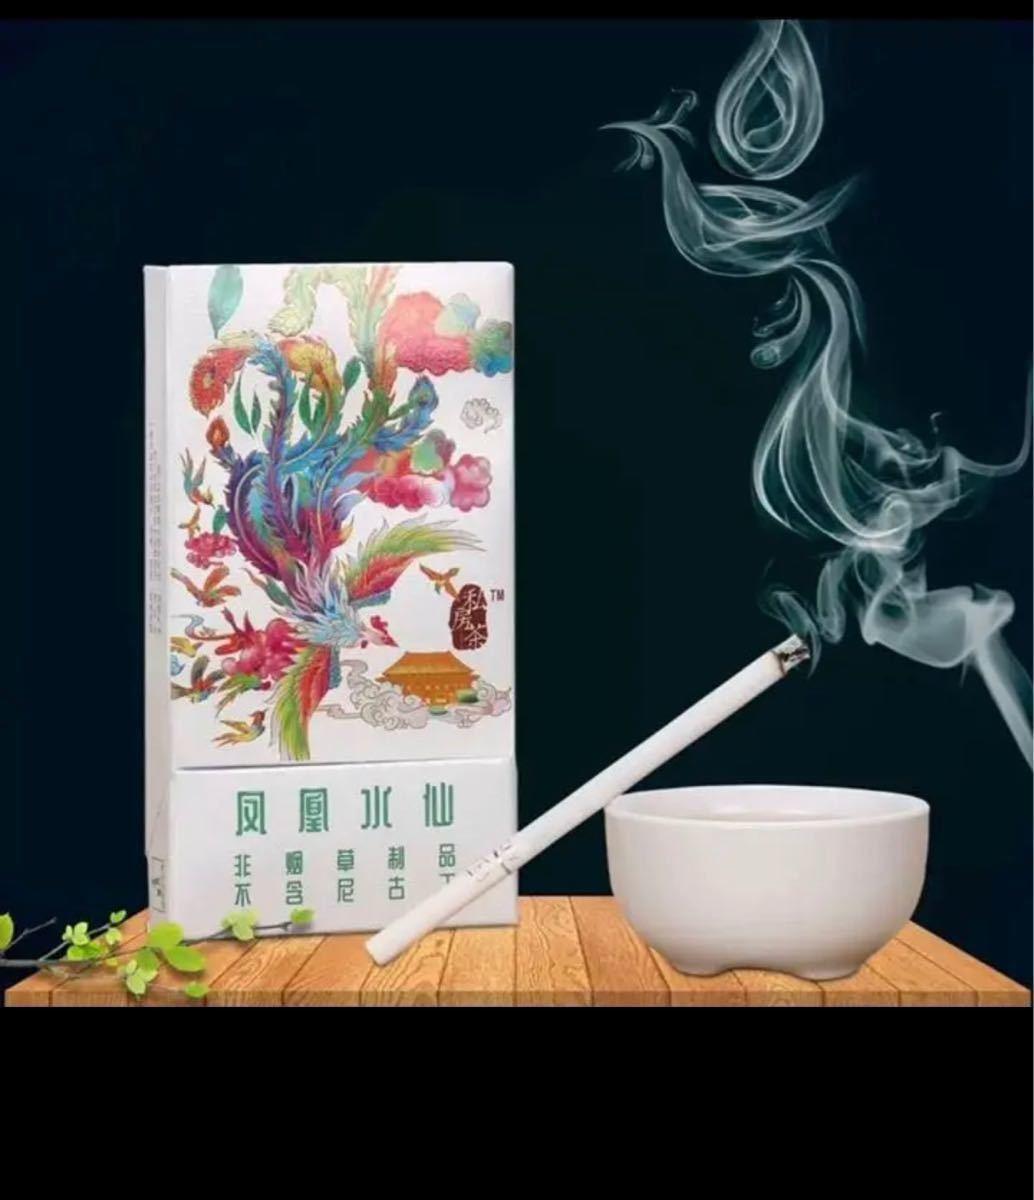 茶タバコ 茶たばこ 20本入り 4箱 +(1訳有り)非烟草制品、5月から特別販売